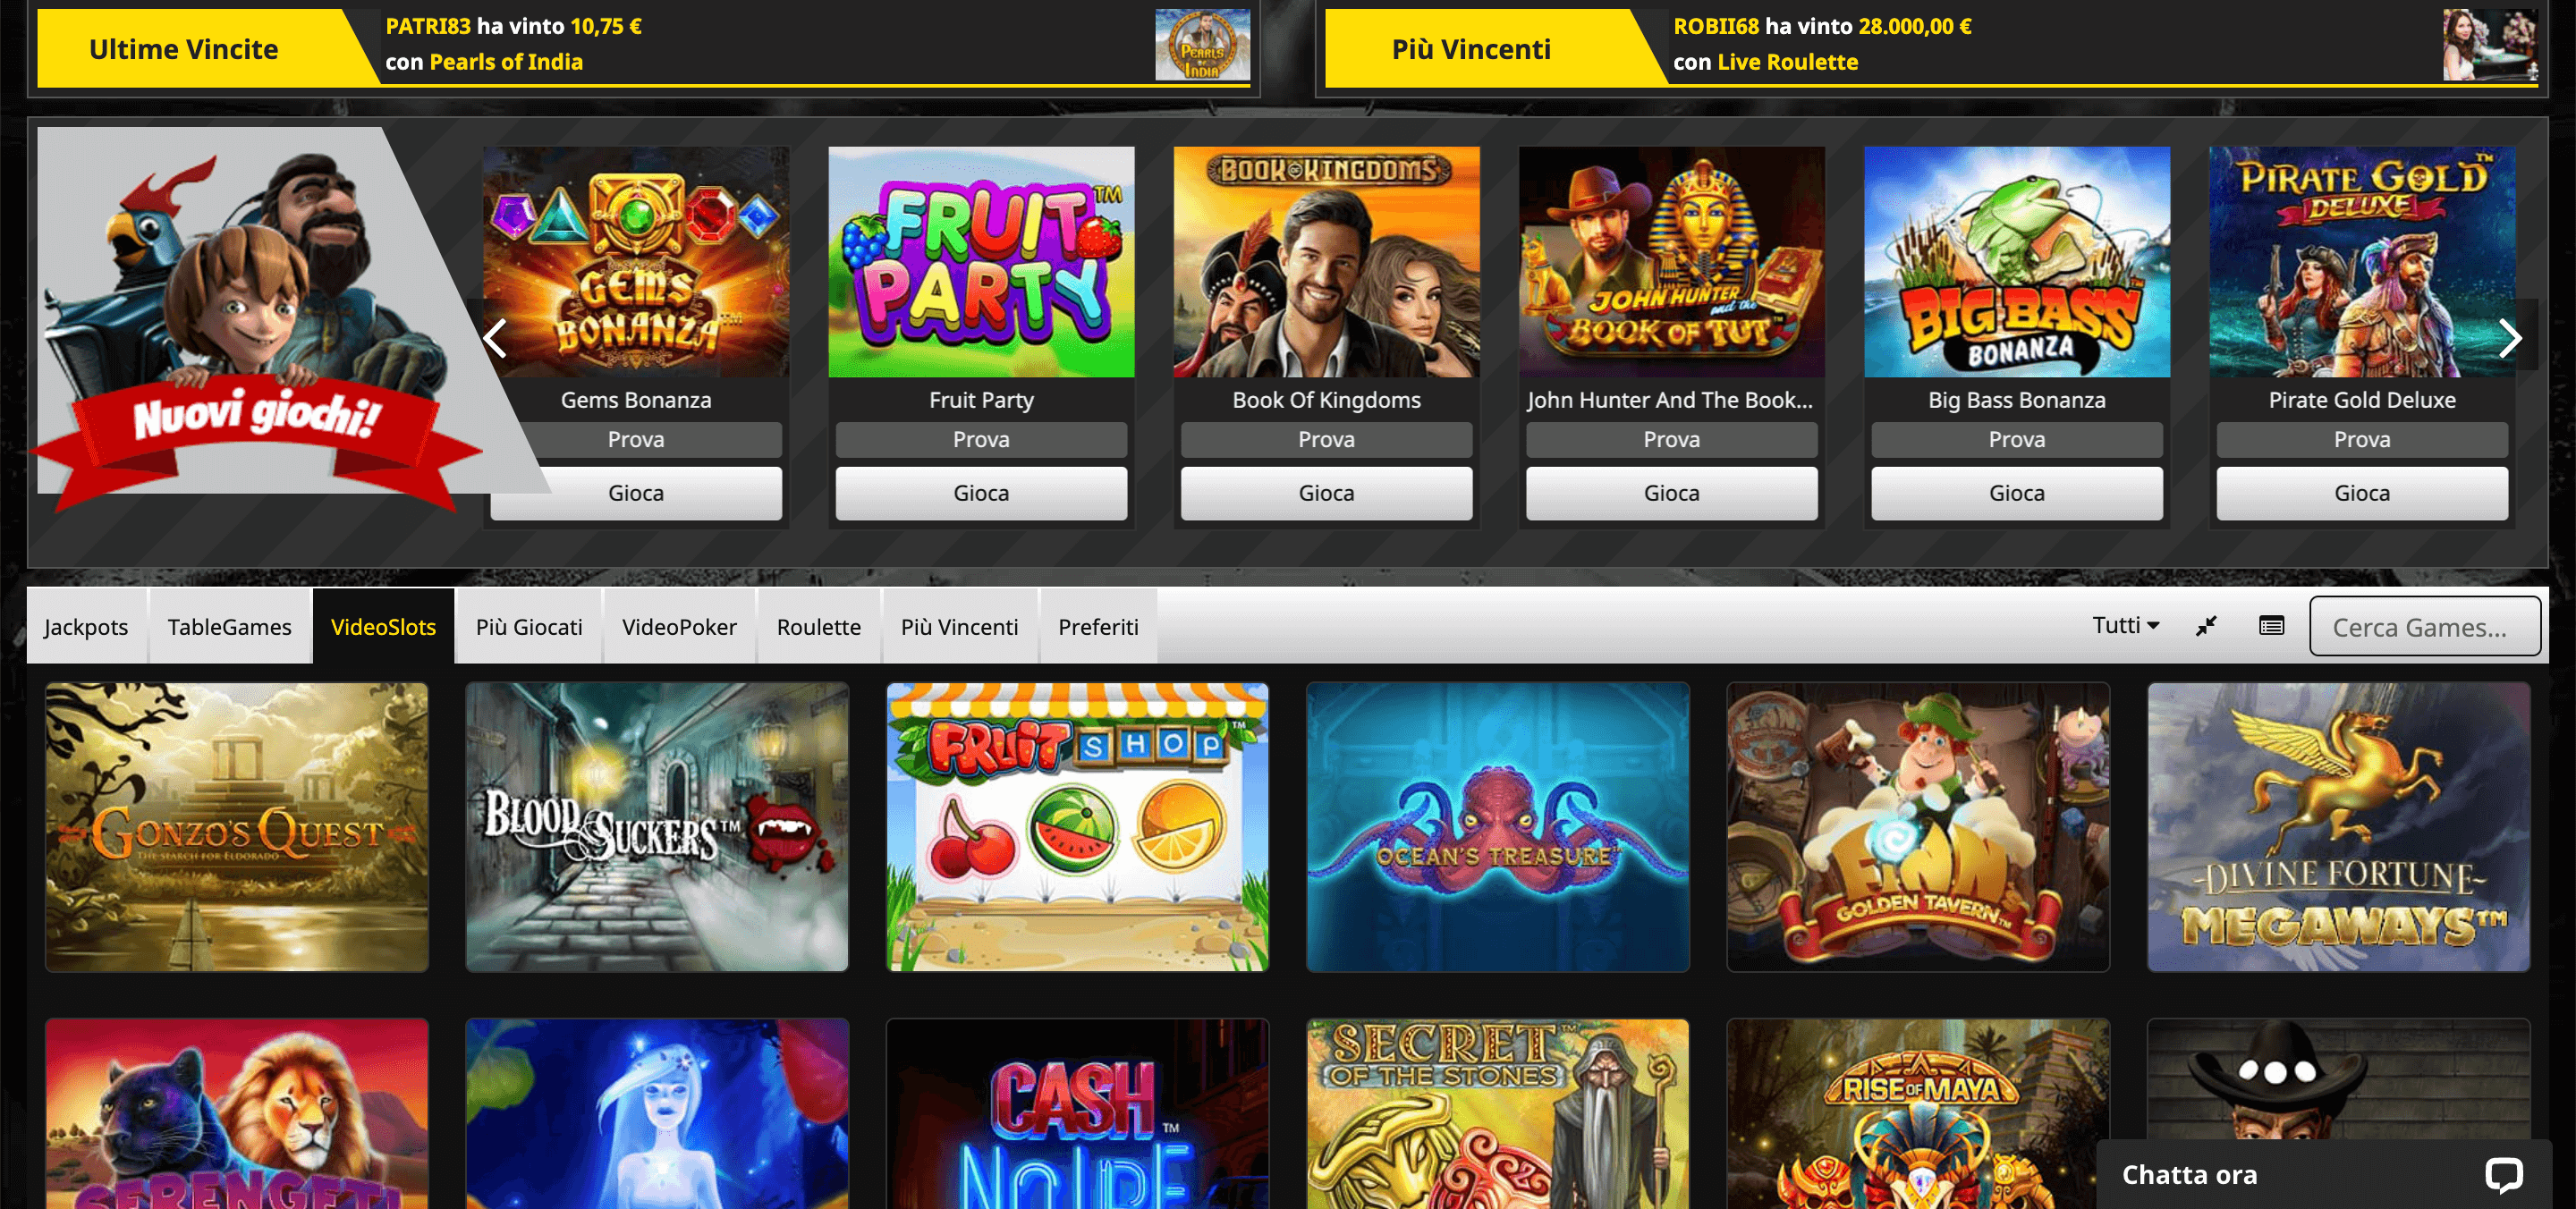 Prewin Casino Slot